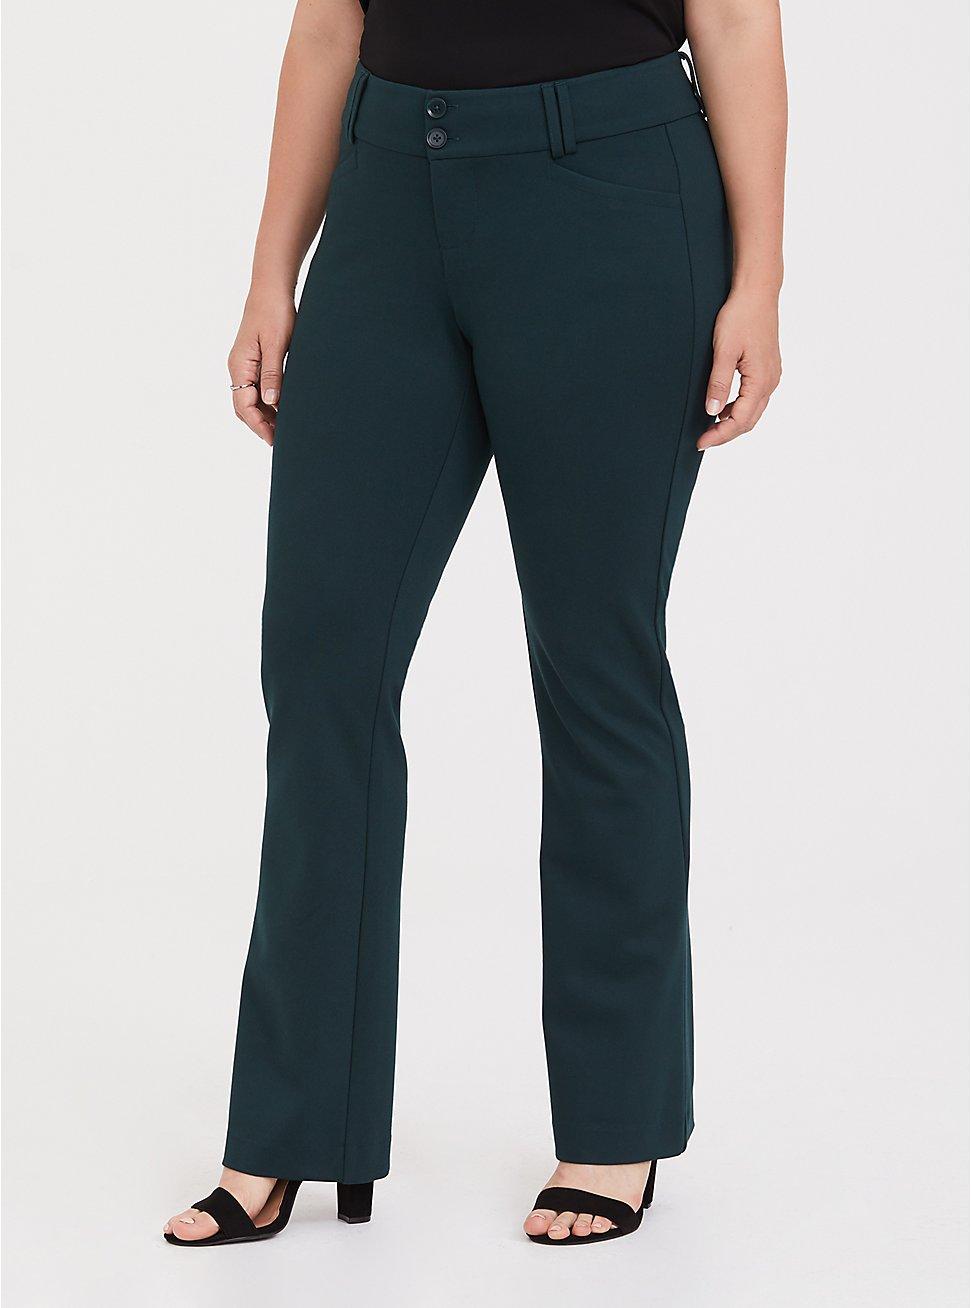 Plus Size Studio Signature Premium Ponte Stretch Trouser - Green, FOREST, hi-res